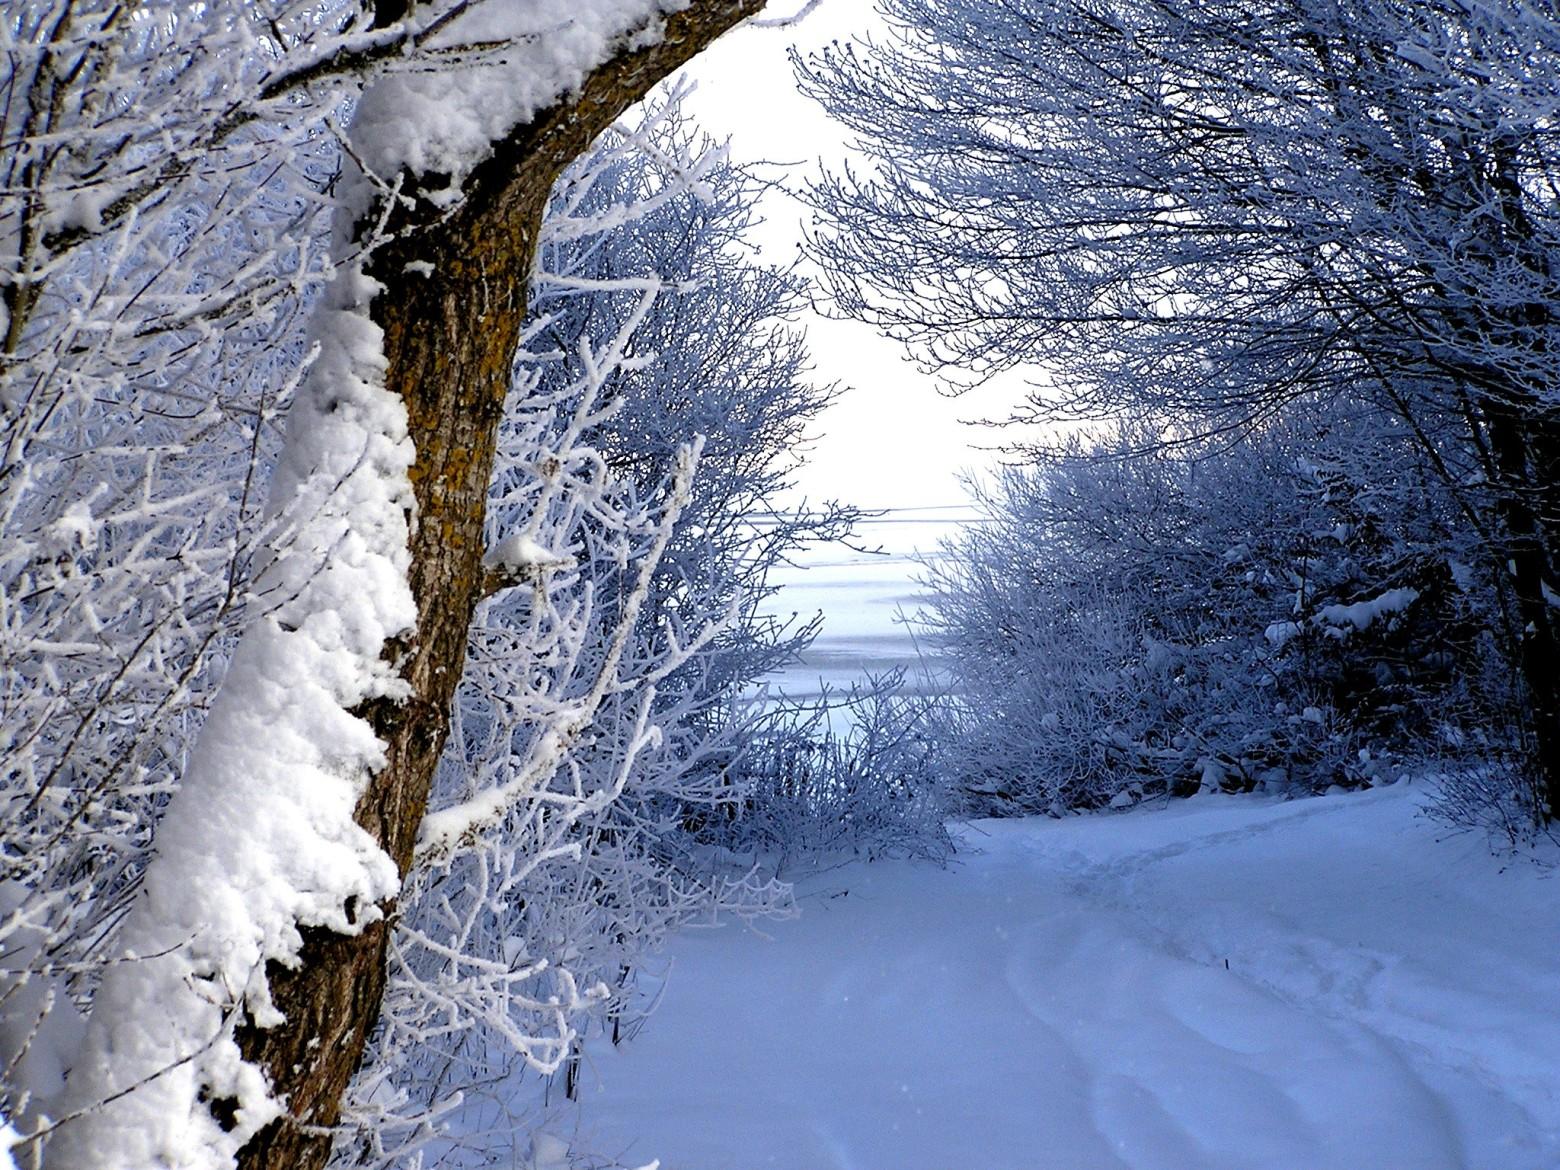 Photos gratuites de paysage l hiver la neige for t - Photos de neige gratuites ...